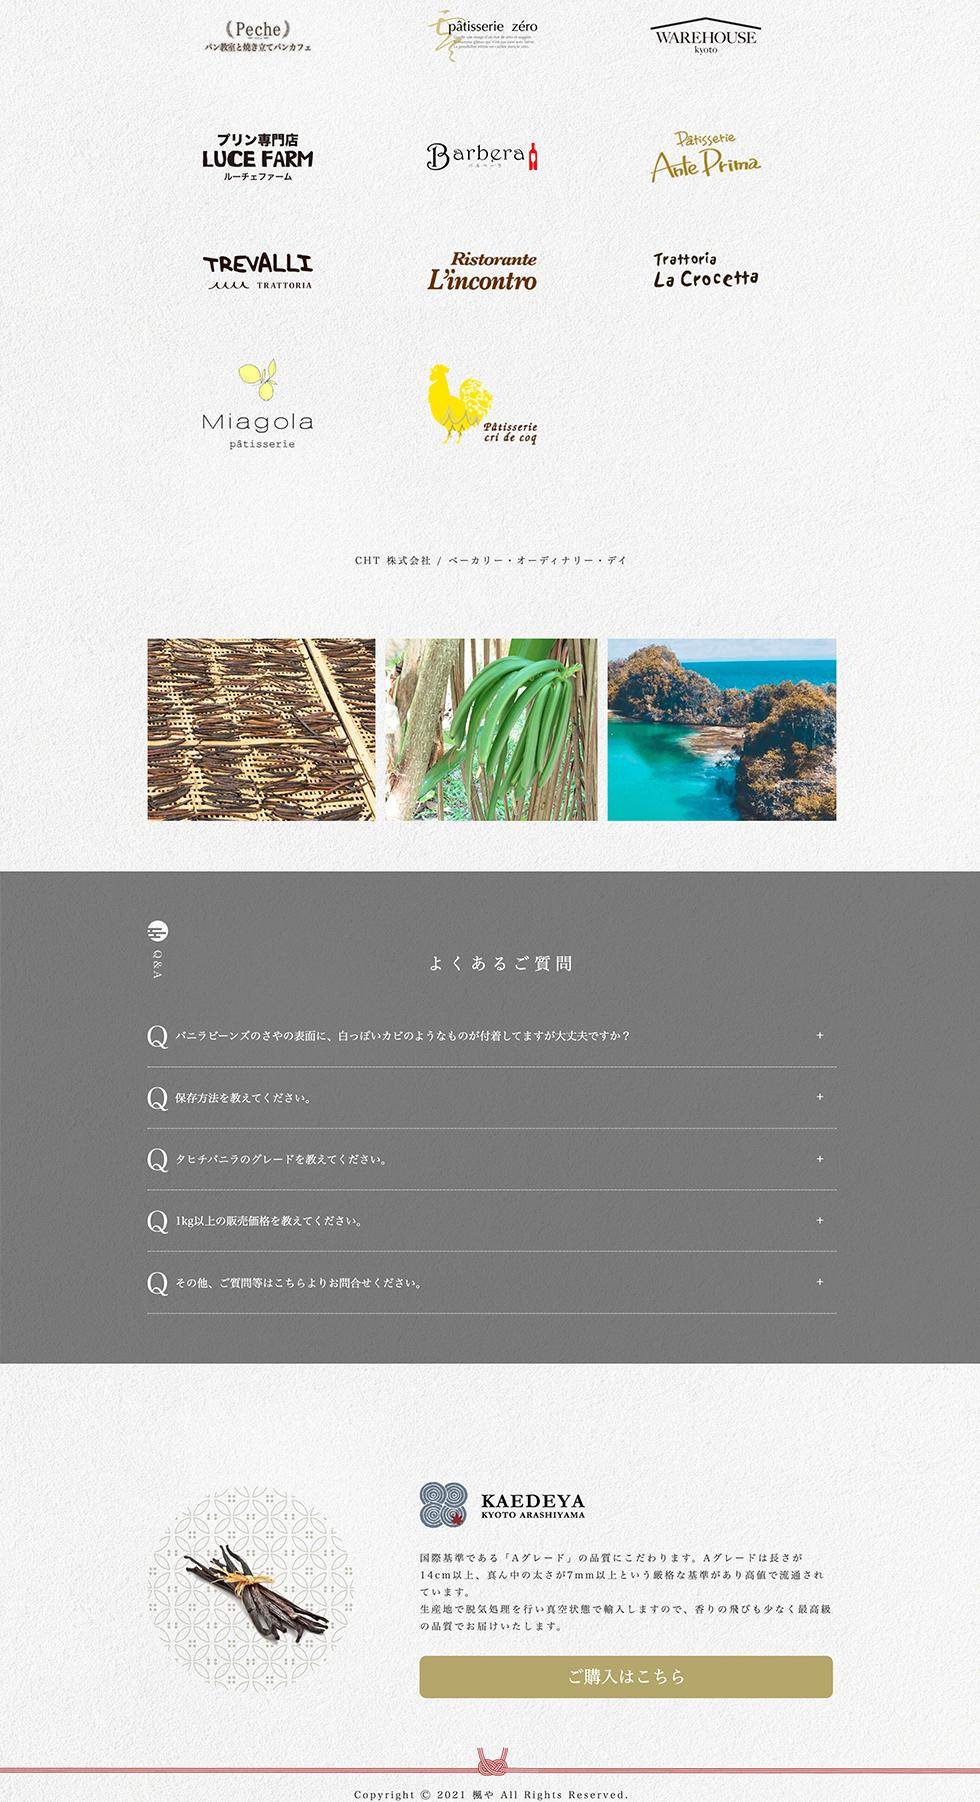 楓やのバニラビーンズサイトイメージ3